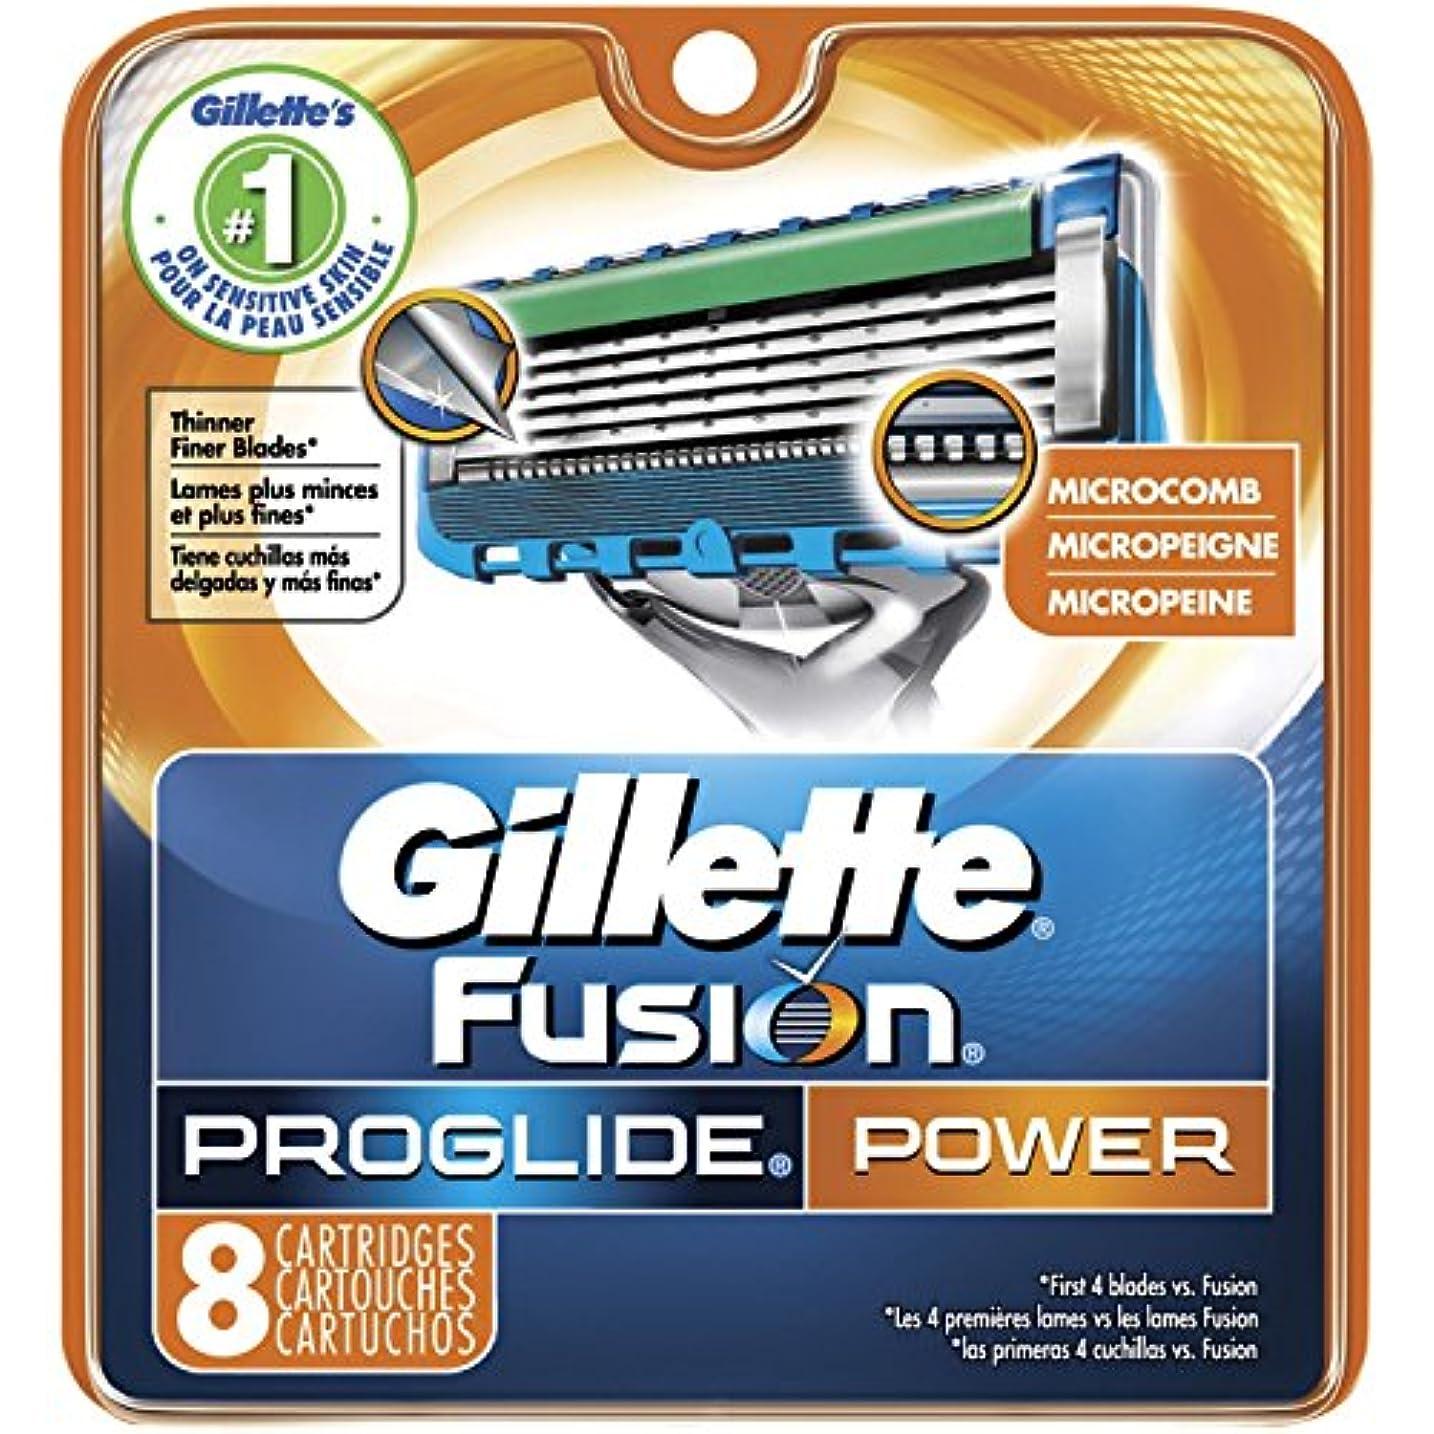 ハング脚本家スーダンGillette Fusion PROGLIDE POWER Razor Blades Refills ドイツ8パック製 [並行輸入品]